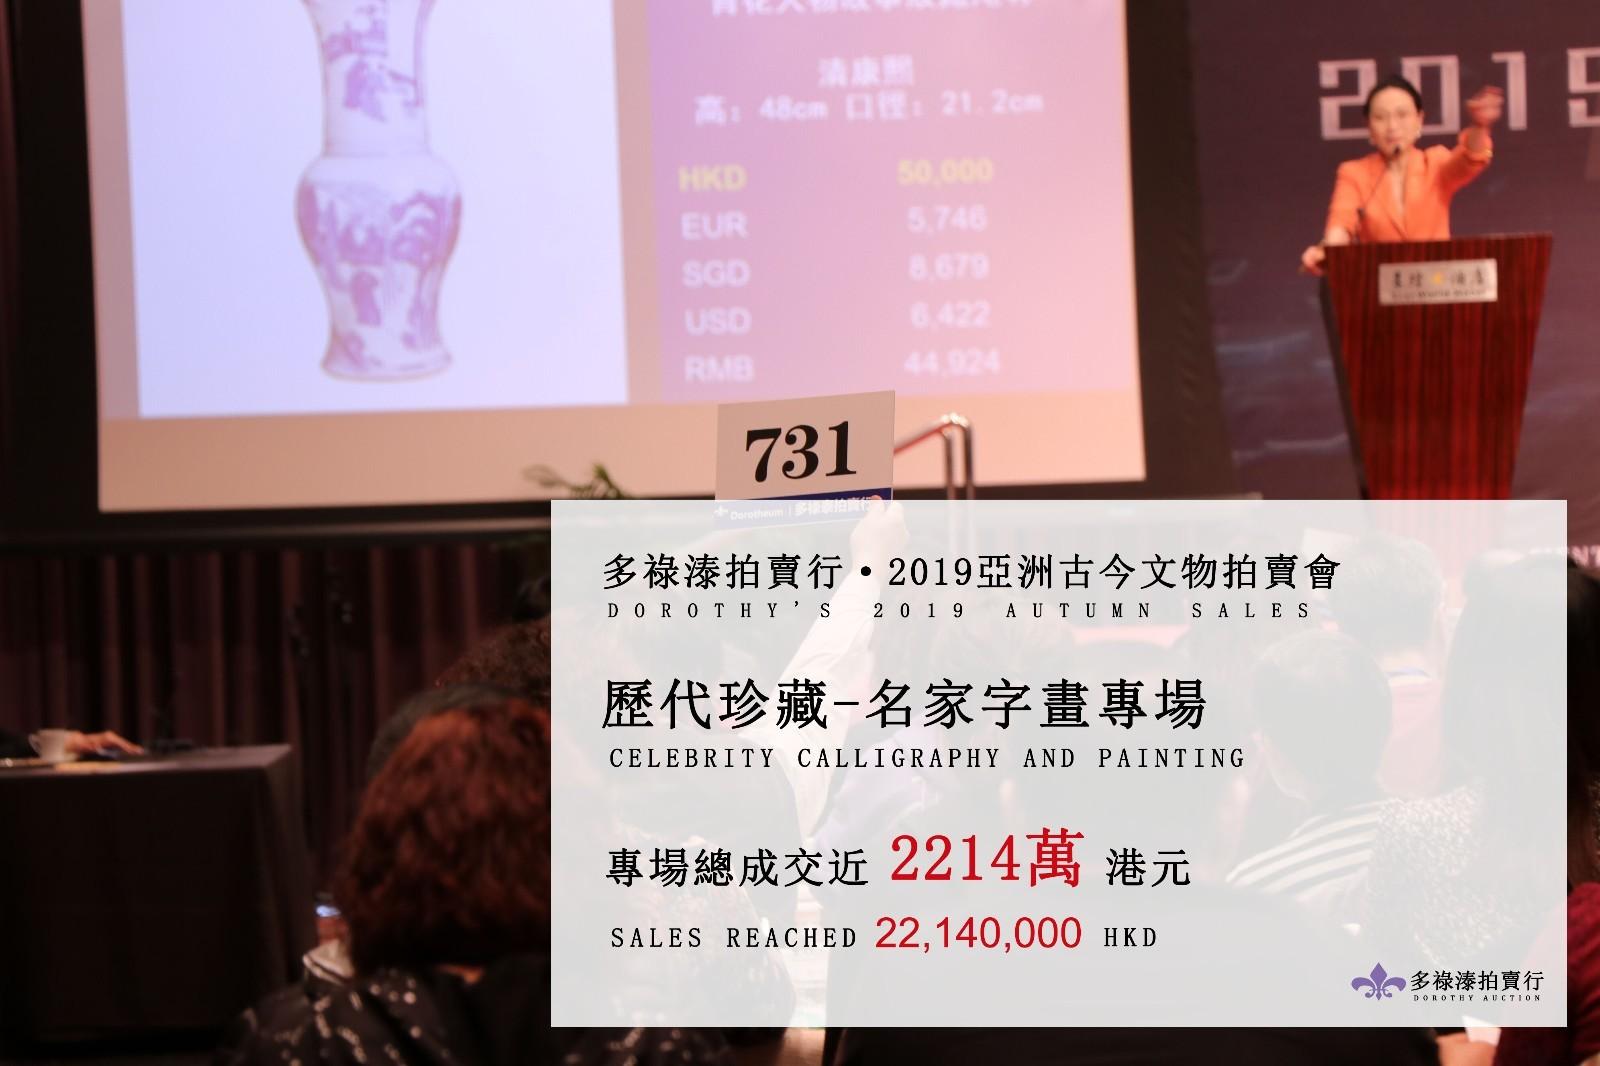 多禄溙澳门拍卖2019圆满收槌!总成交额1.228亿